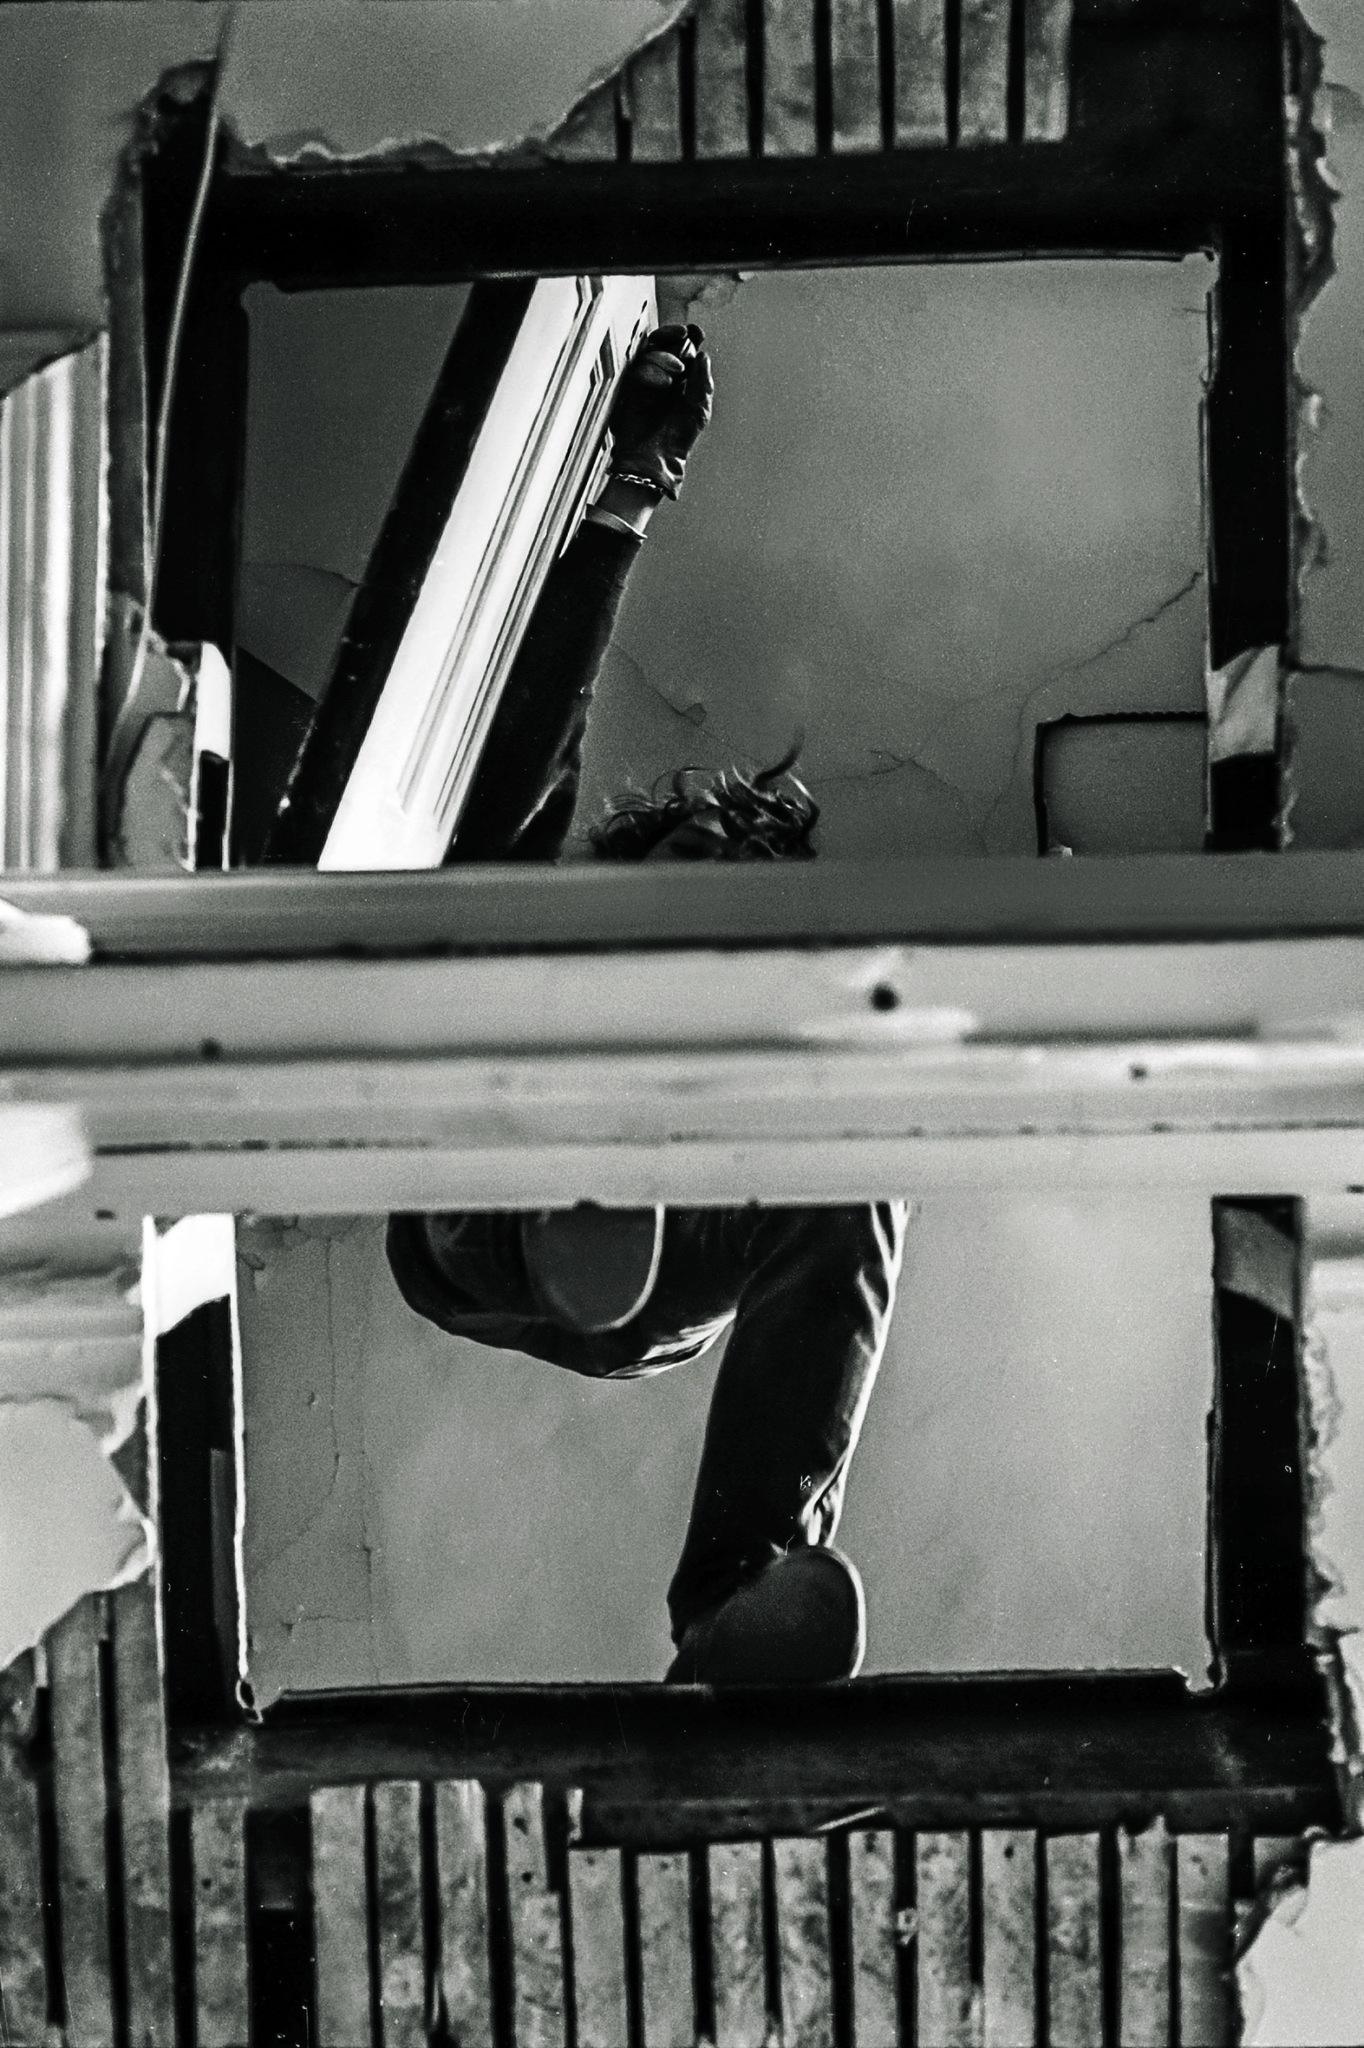 Gordon Matta-Clark Bronx Floor: Boston Road, 1972 Courtesy The Estate of Gordon Matta-Clark et David Zwirner, New York / Londres / Hong Kong. © 2018 The Estate of Gordon Matta-Clark / ADAGP, Paris